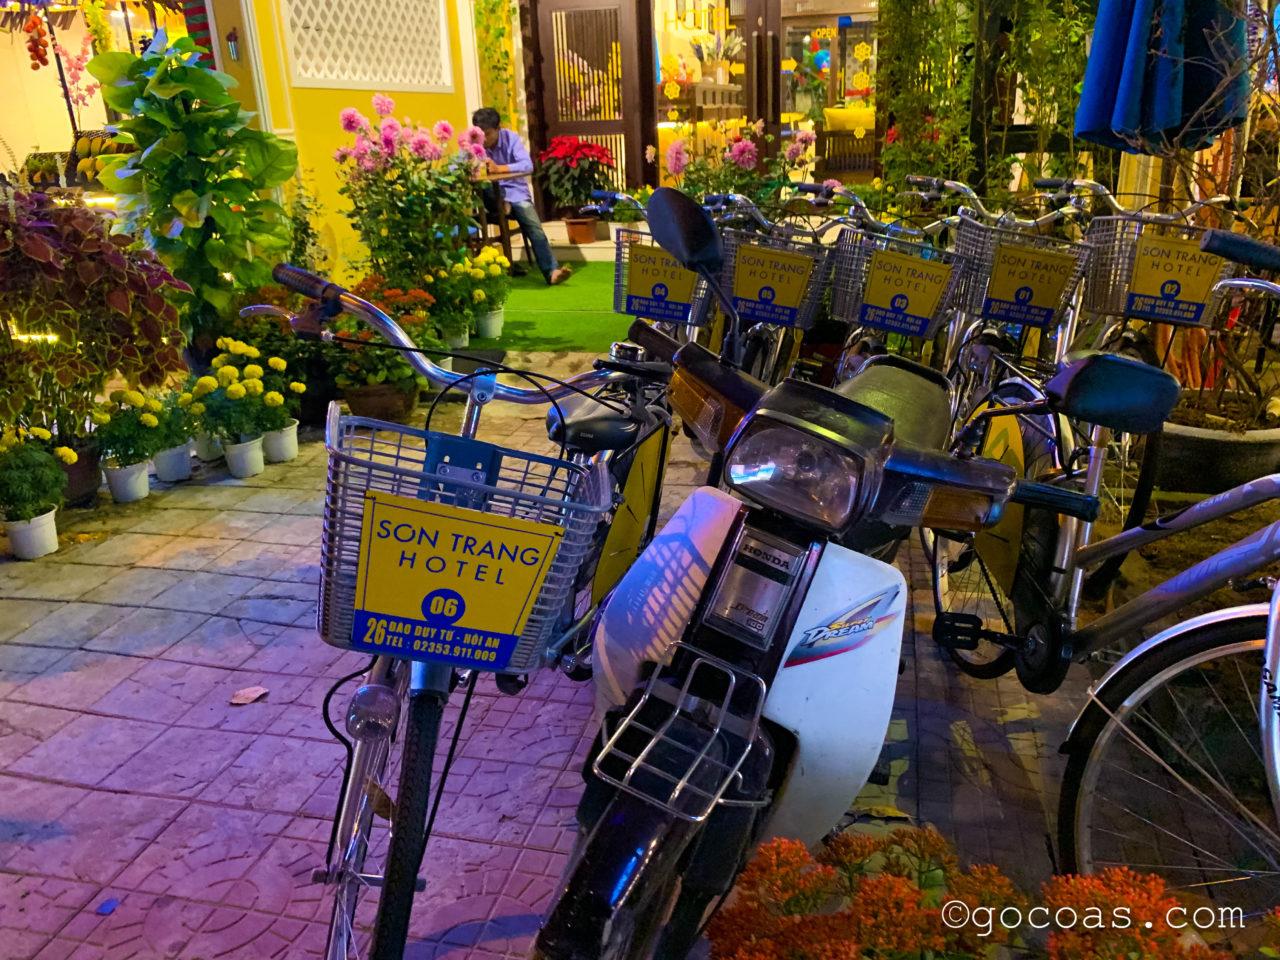 ソントラン ホテル ホイアン (Son Trang Hotel Hoi An)レンタルバイク